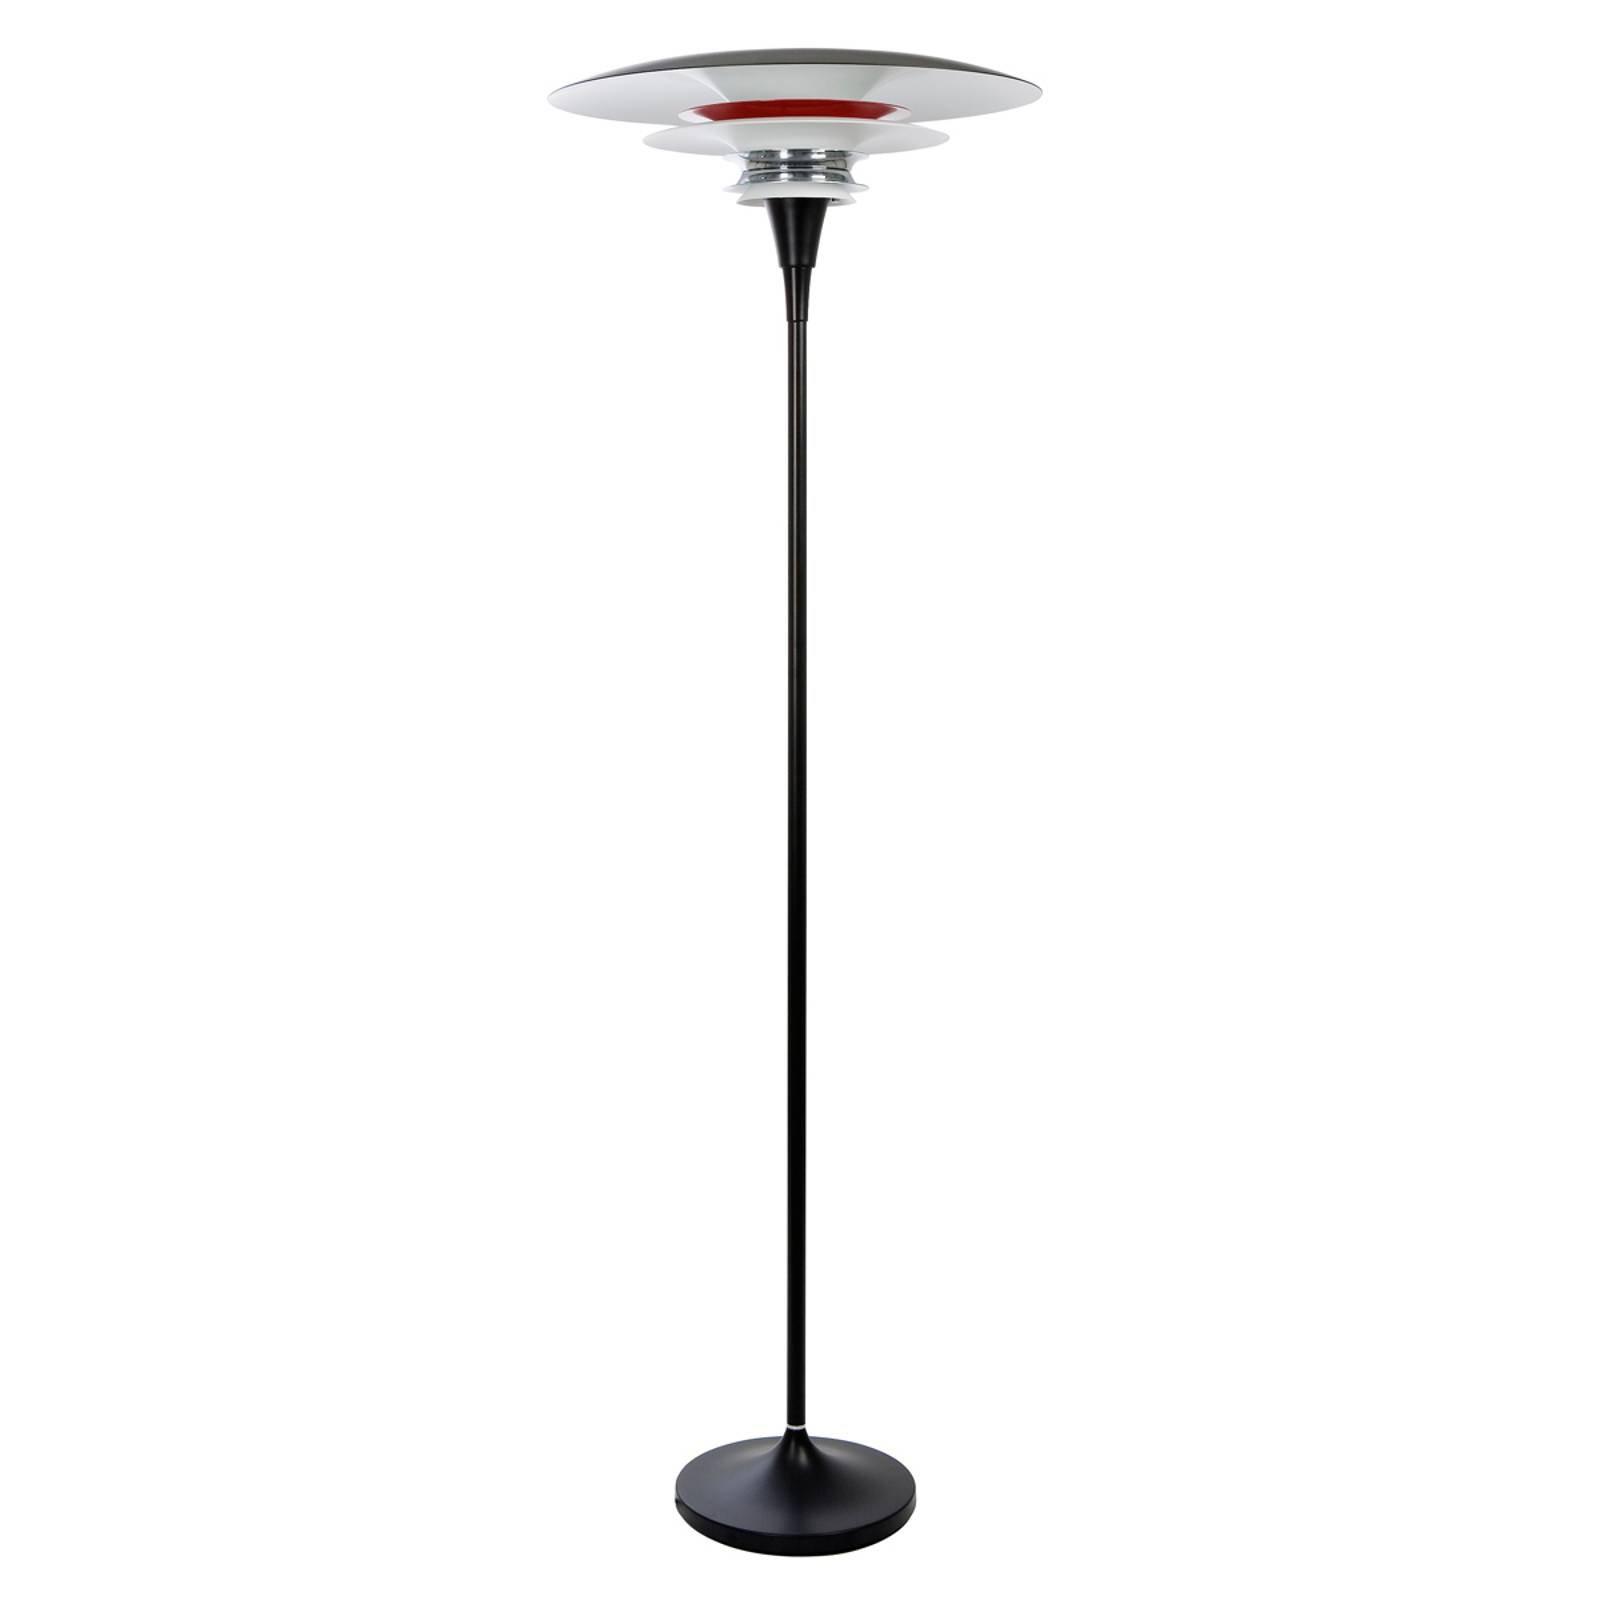 Integrert dimmer - stålampe Diablo svart rød